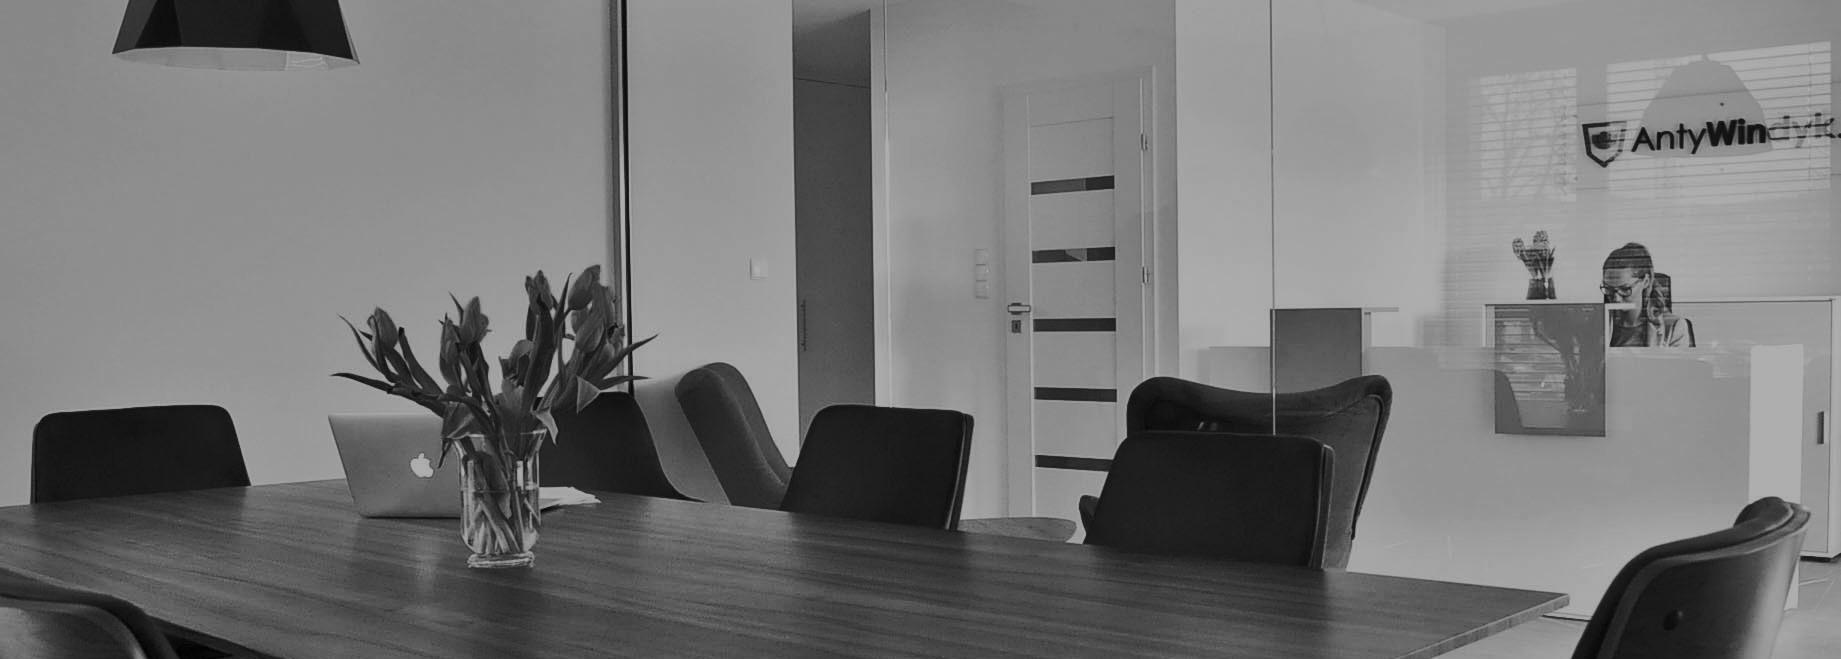 Kancelaria AntyWindyk – biuro